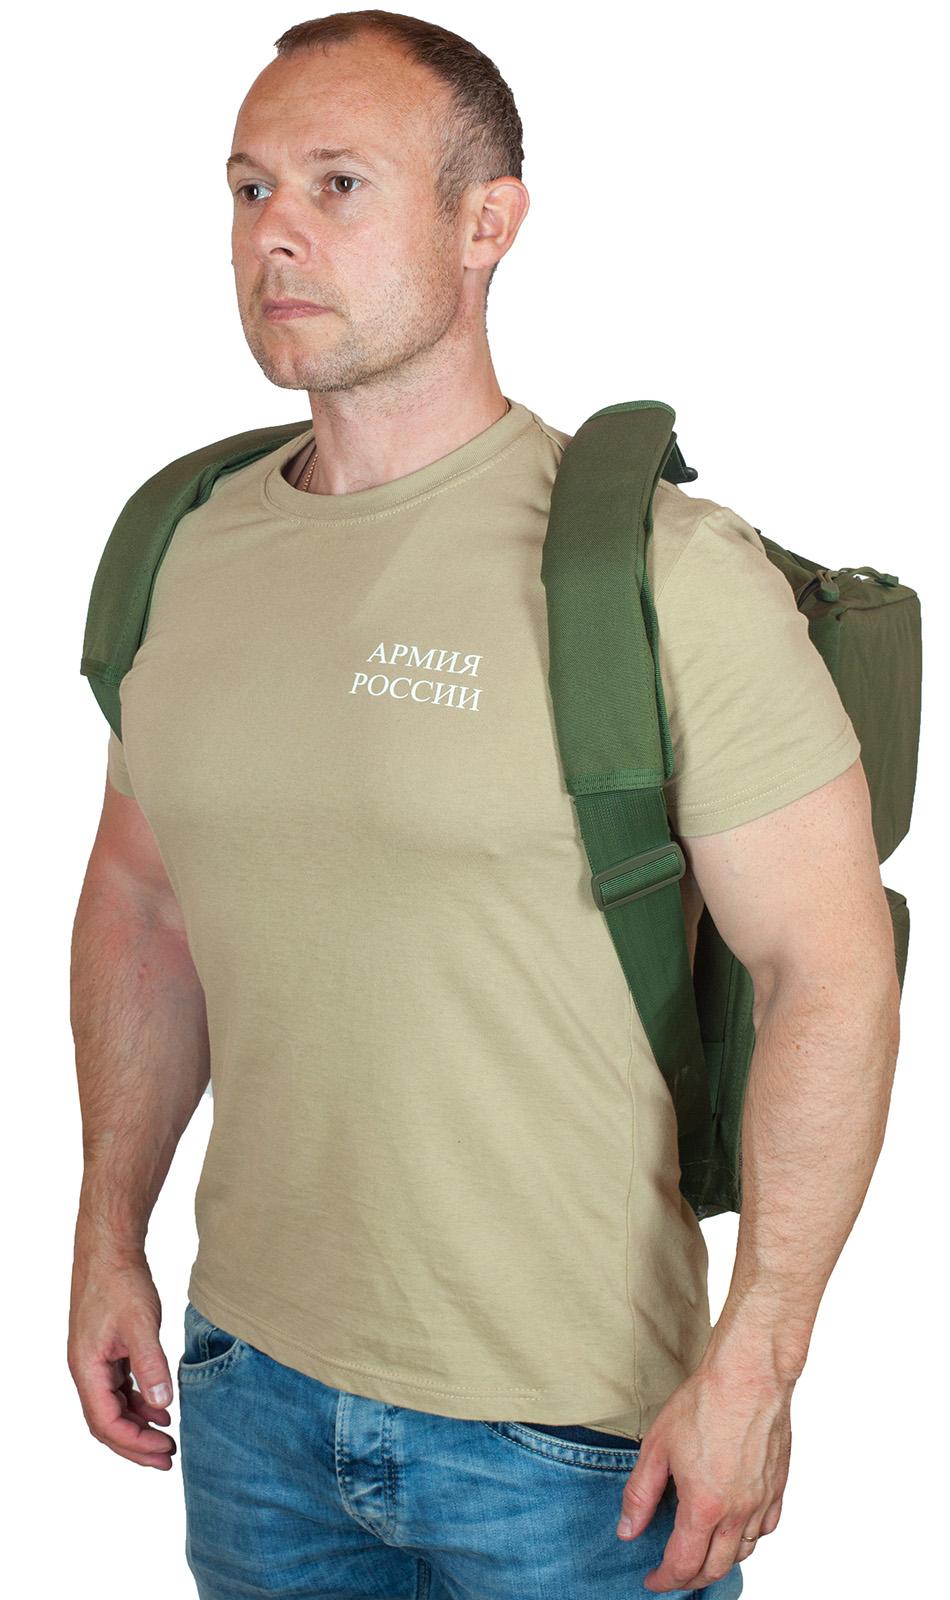 Походная тактическая сумка ФСБ